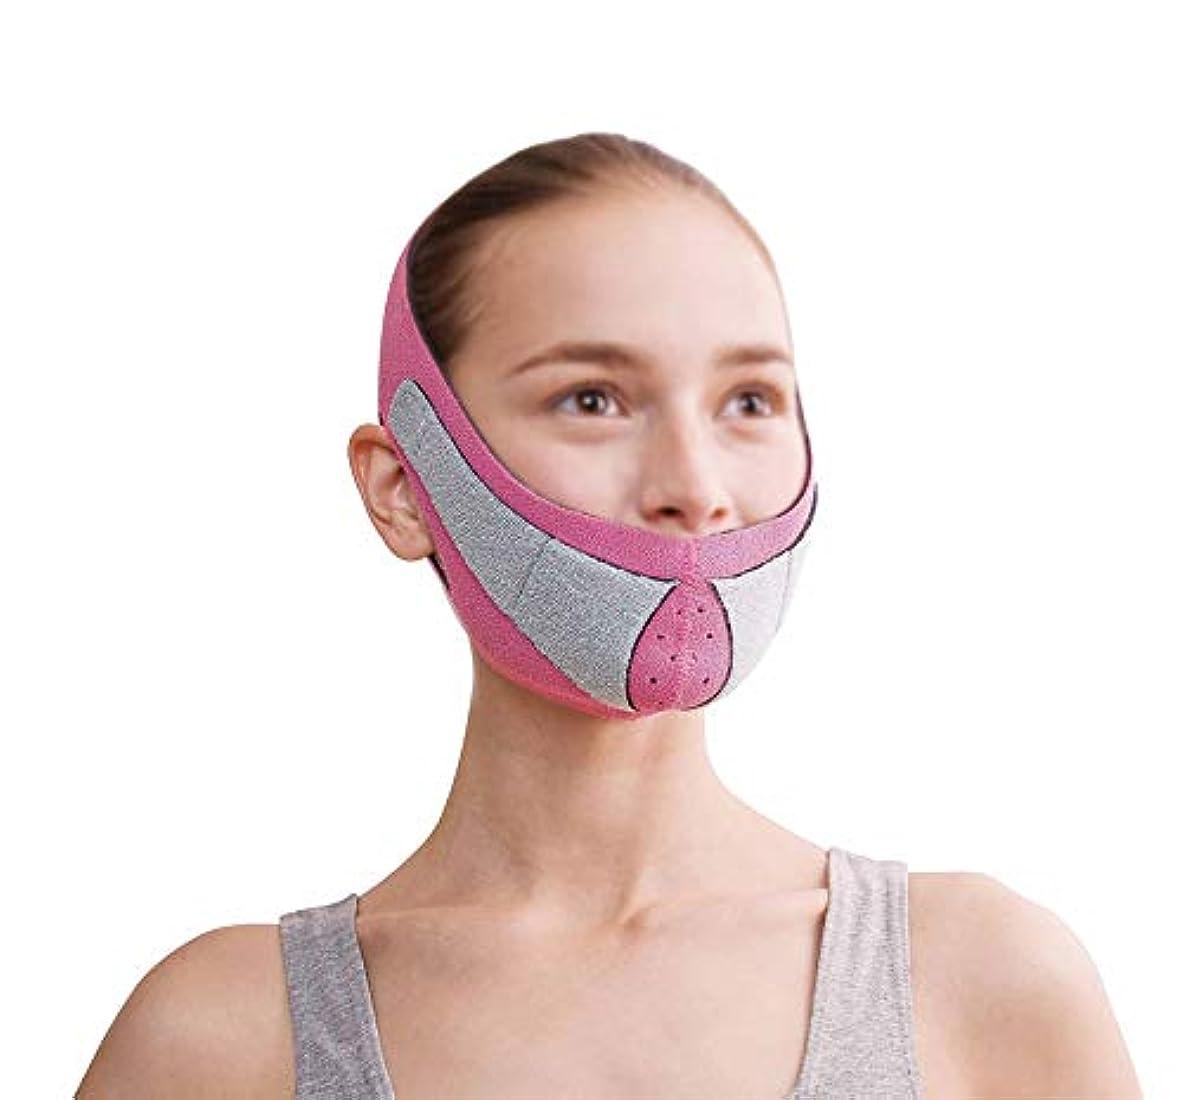 TLMY 薄い顔のマスクのマスクと垂れ下がり防止の薄い顔のマスク薄い顔のマスクのアーティファクトの美しさの首ネックストラップを引き締め 顔用整形マスク